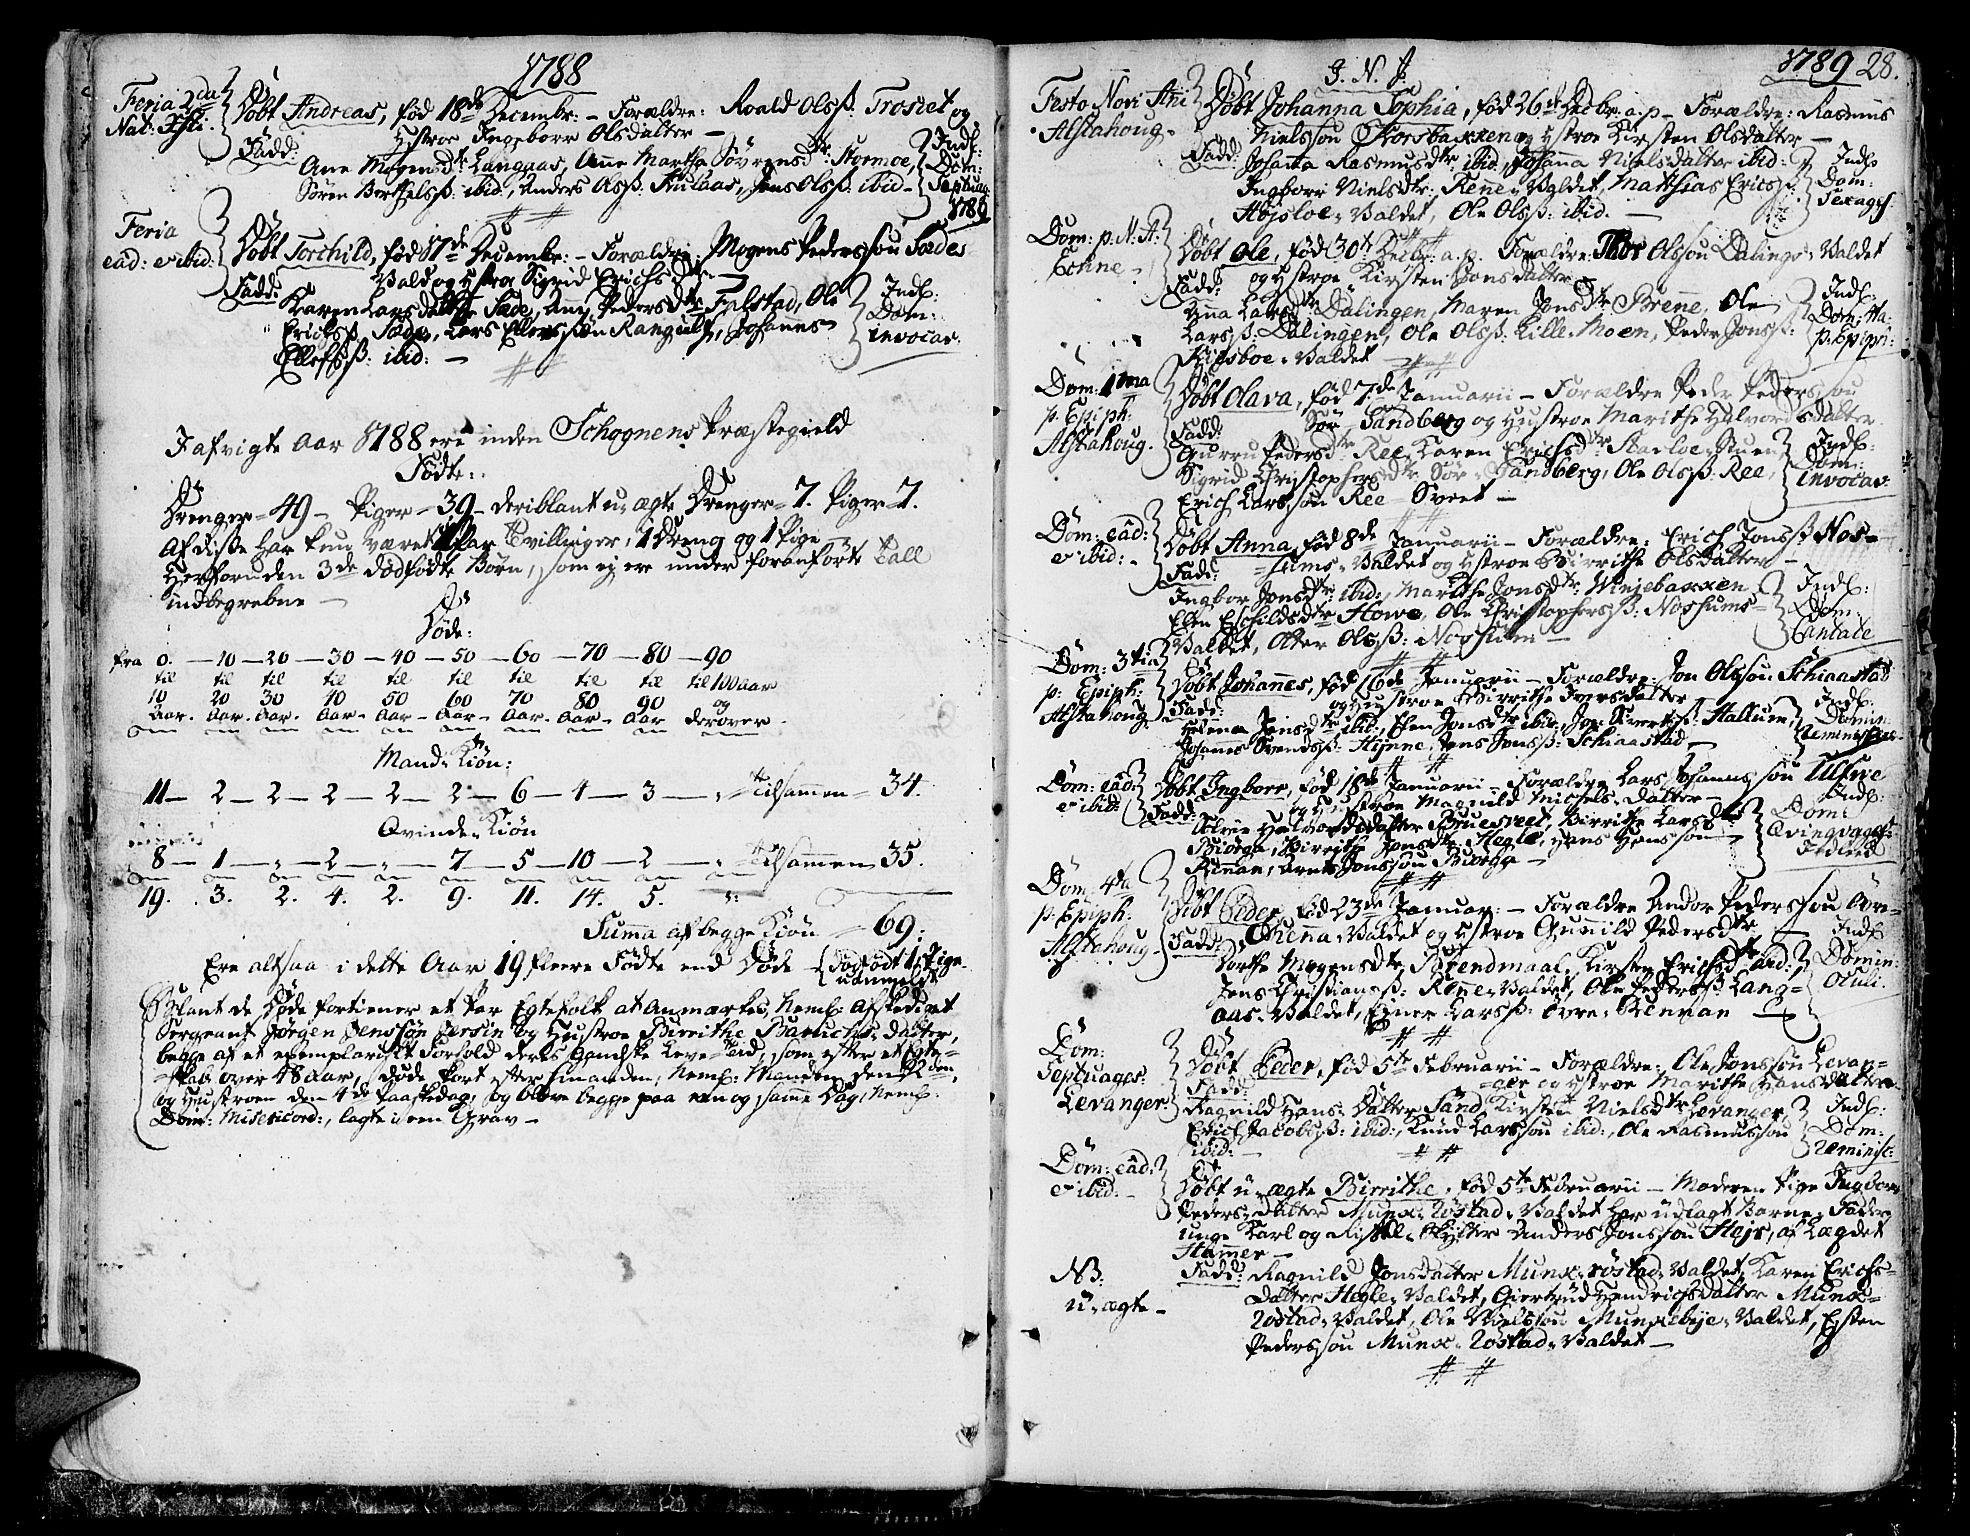 SAT, Ministerialprotokoller, klokkerbøker og fødselsregistre - Nord-Trøndelag, 717/L0142: Ministerialbok nr. 717A02 /1, 1783-1809, s. 28